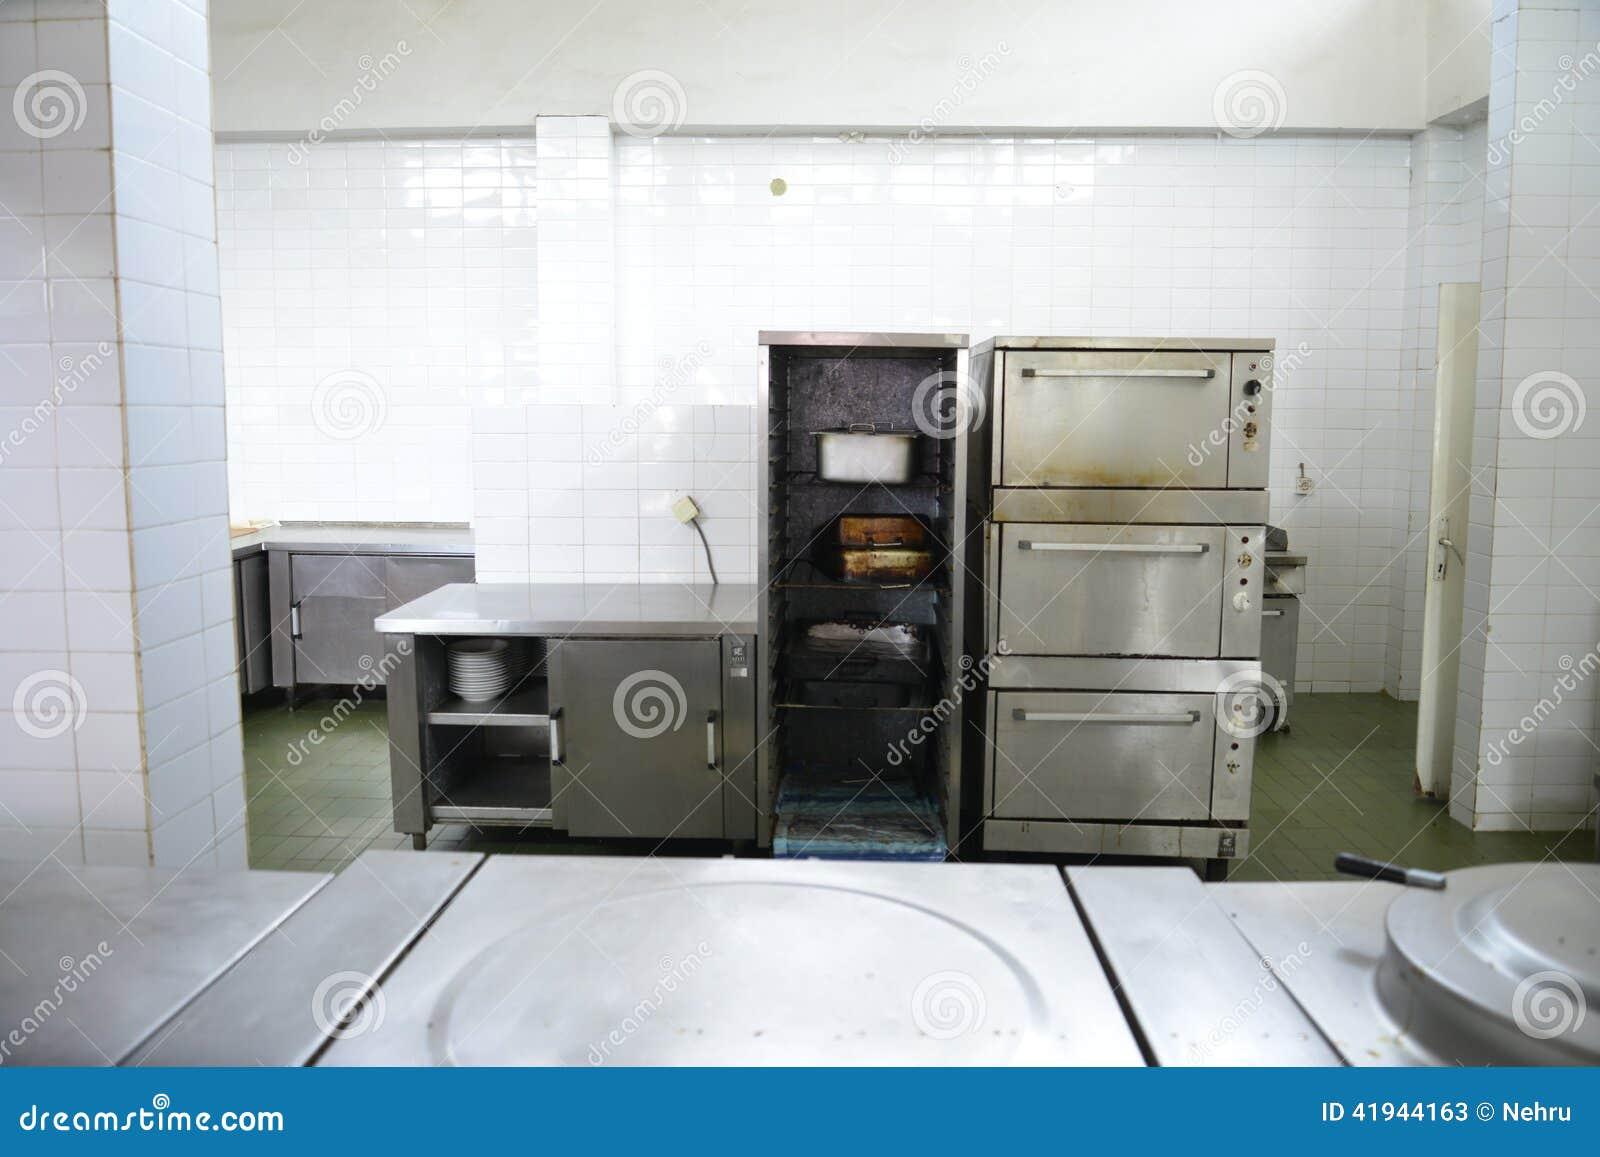 Owen in Restaurant kitchen stock image. Image of kitchener - 41944163